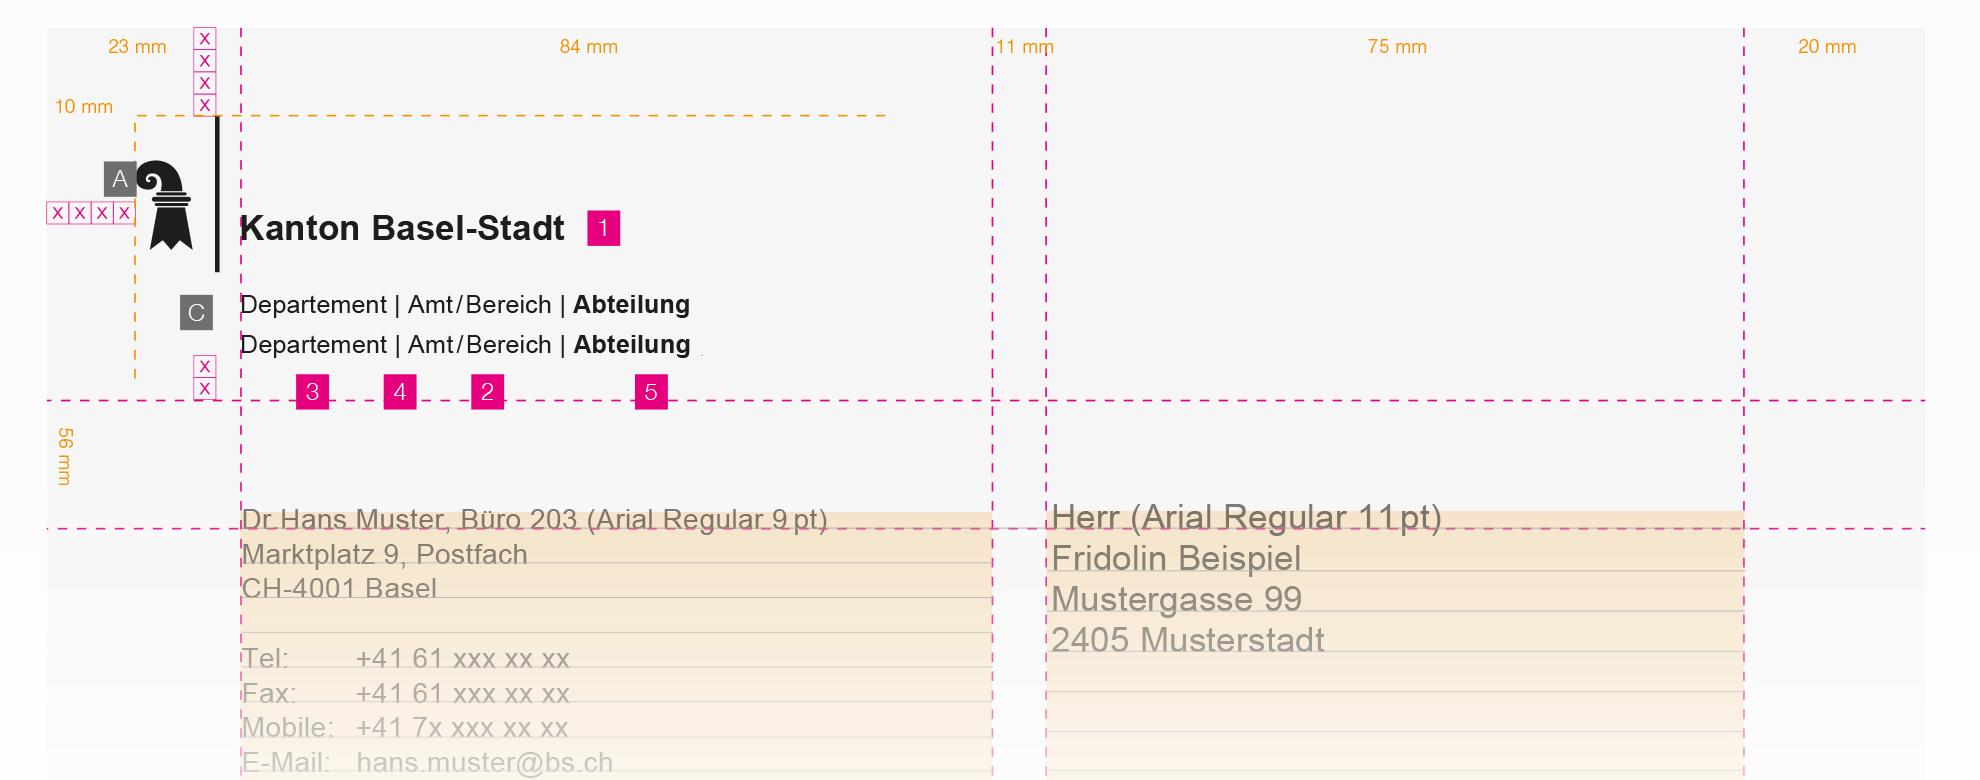 Staatskanzlei Basel-Stadt - Briefbogen mit mehreren Departementen